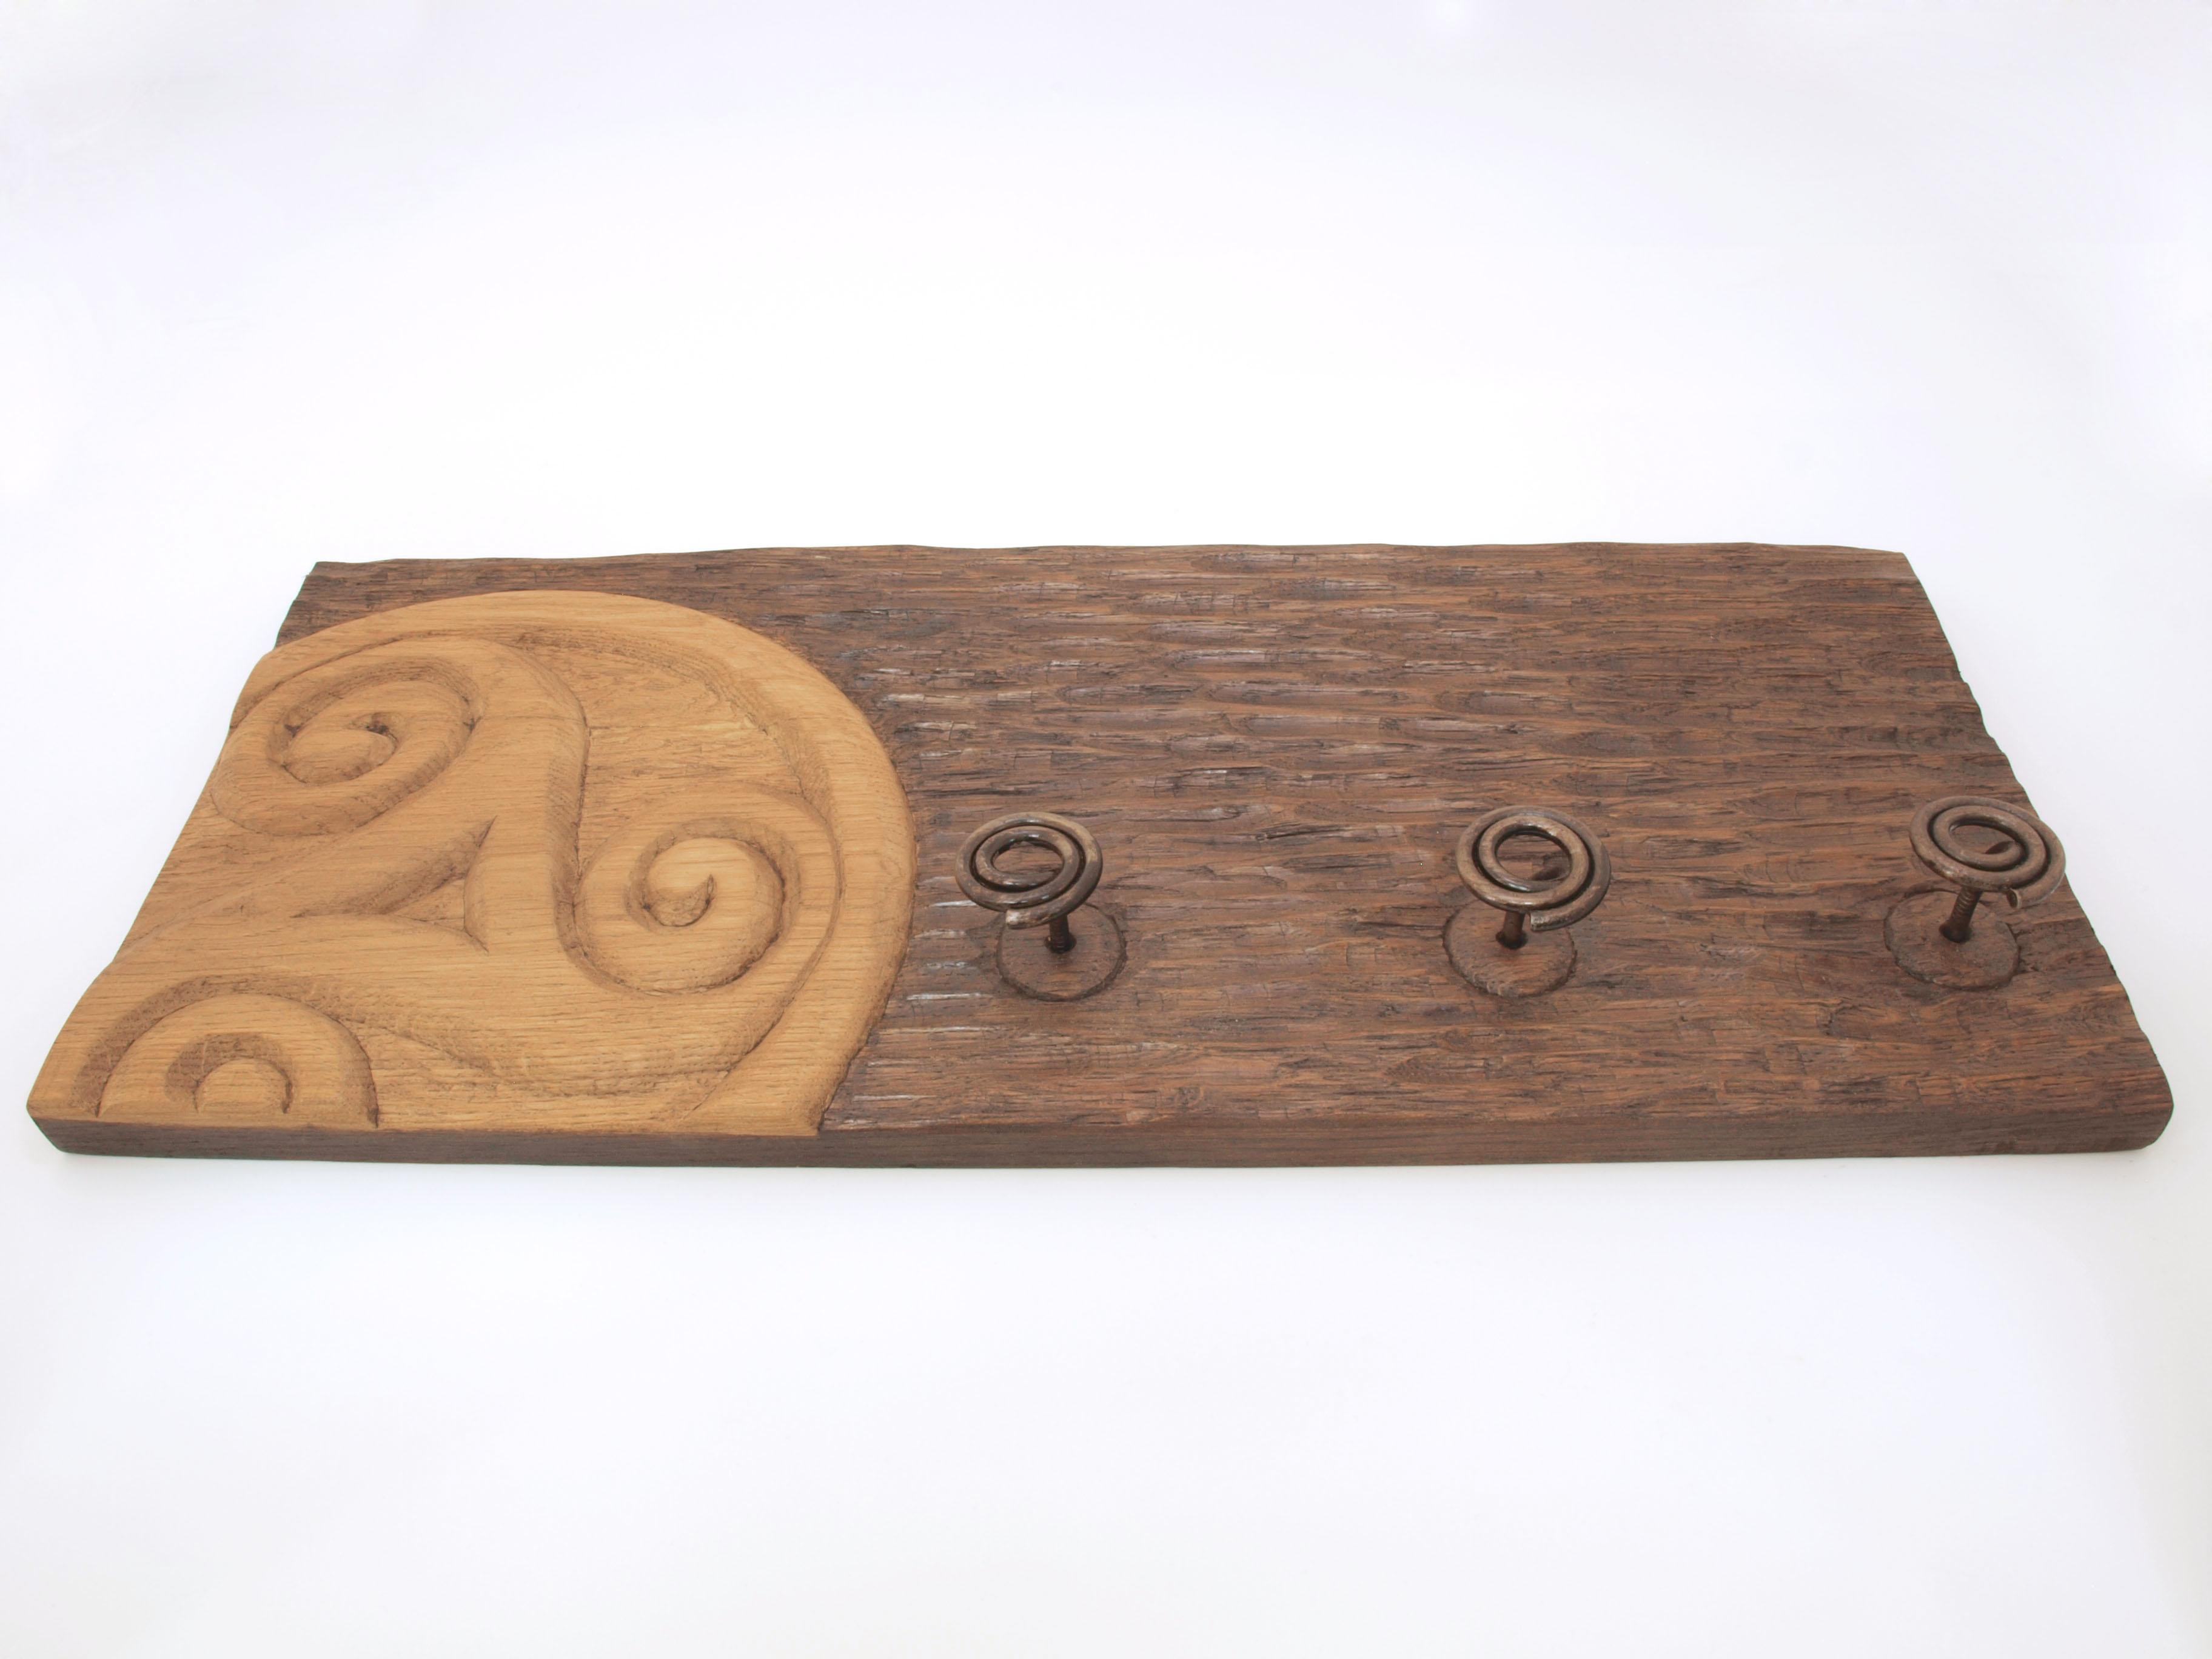 Perchero con triskel tallado en madera de roble en altorrelieve